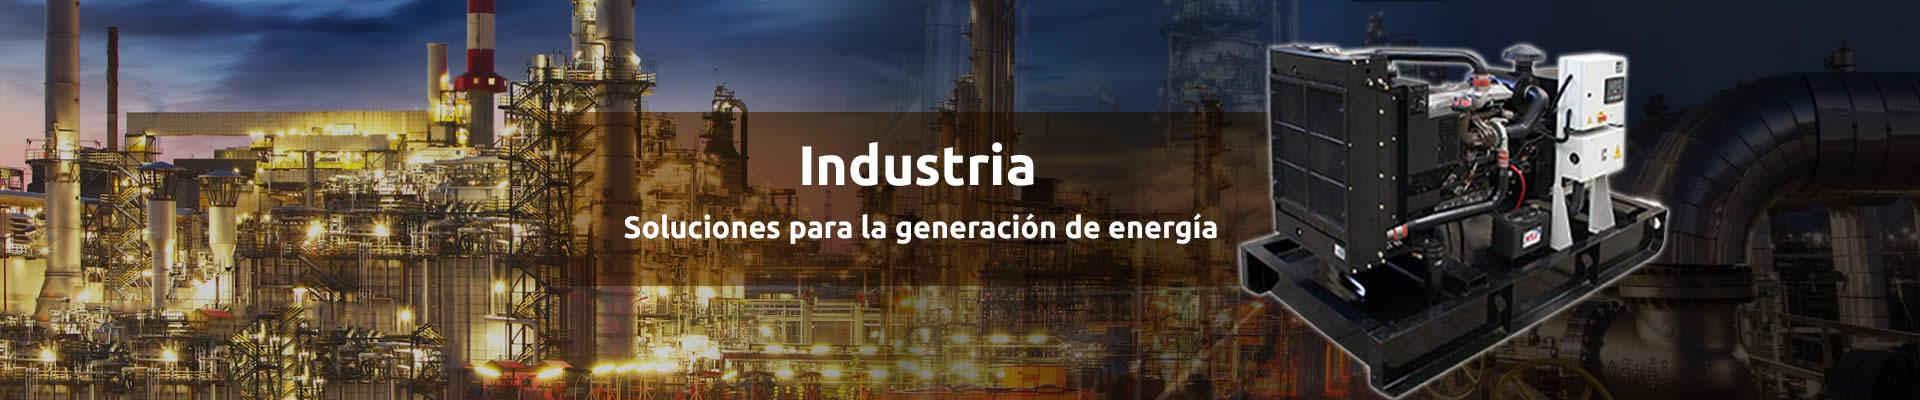 banner_industria